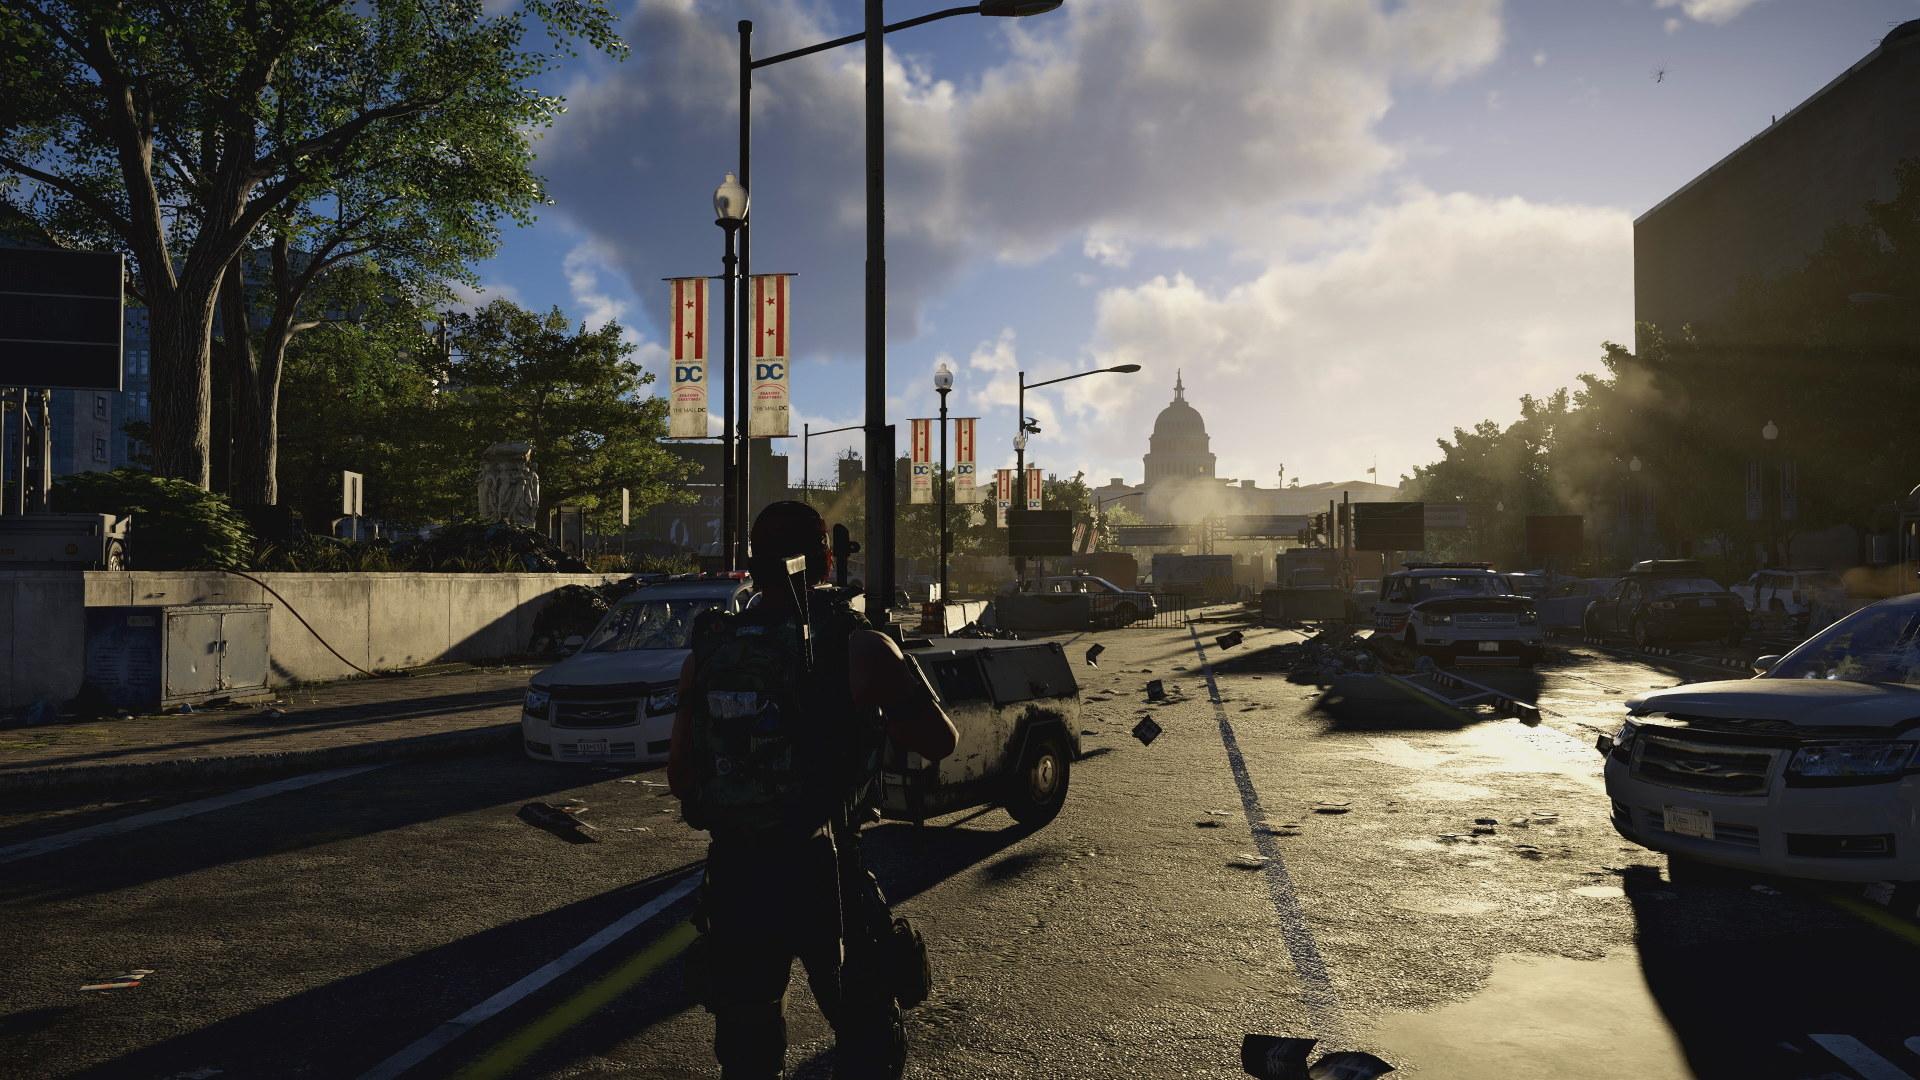 【一针见血的句子】《全境封锁2》更新档修复空降补给等大量游戏漏